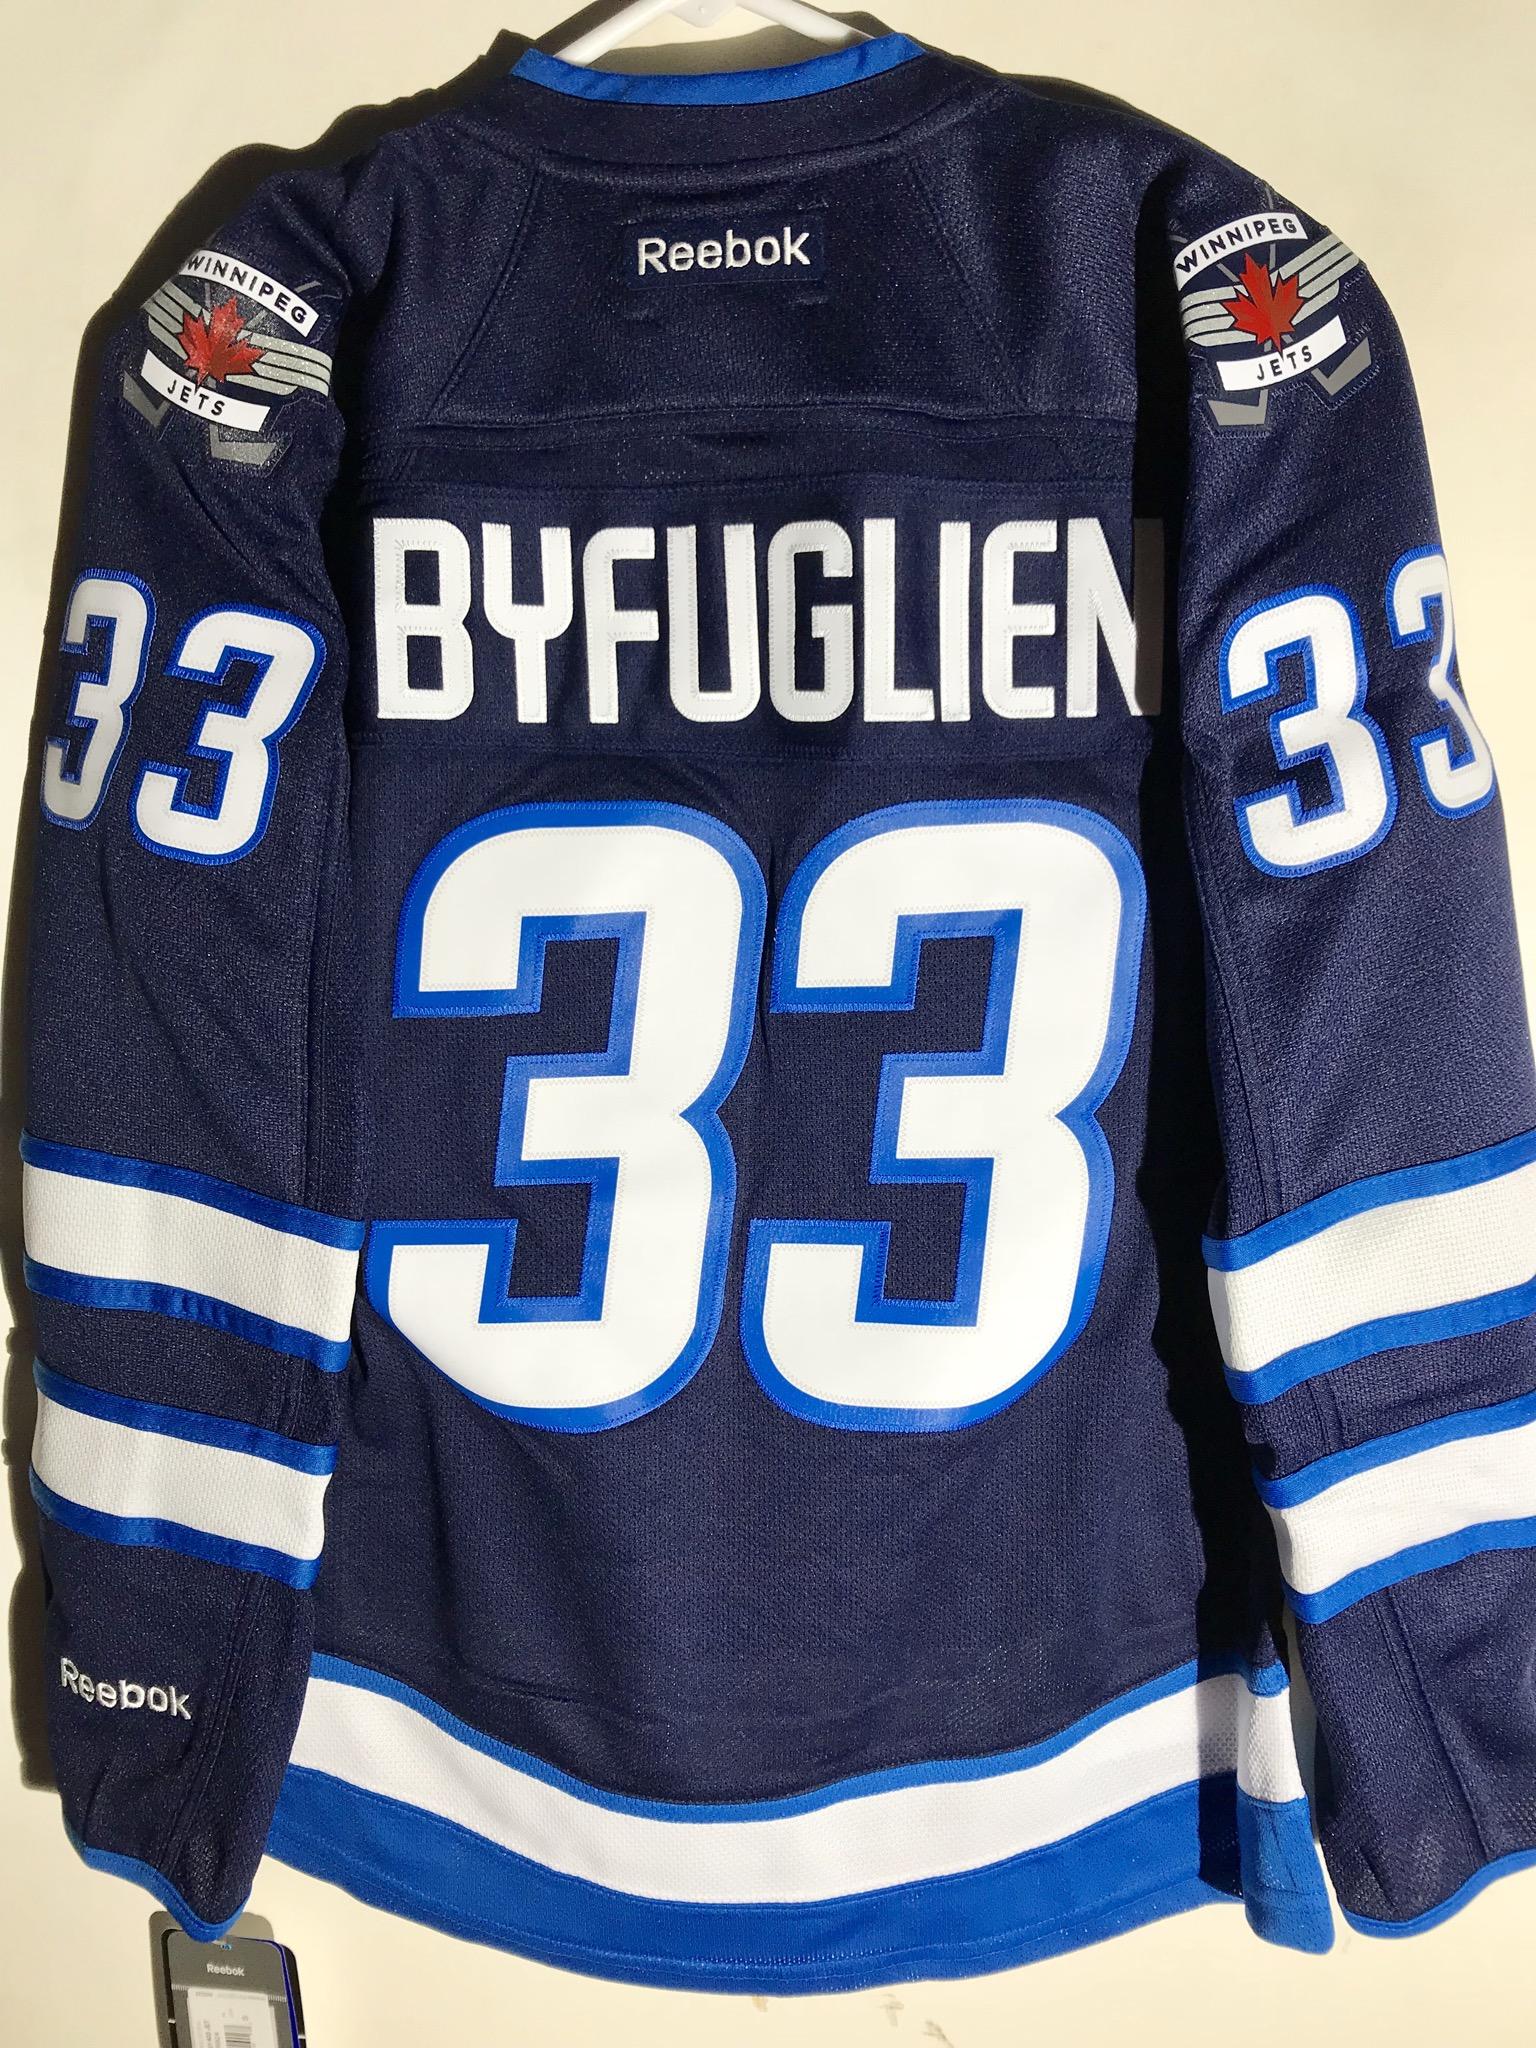 7712ece43 Reebok Women s Premier NHL Jersey Winnipeg Jets Dustin Byfuglien ...